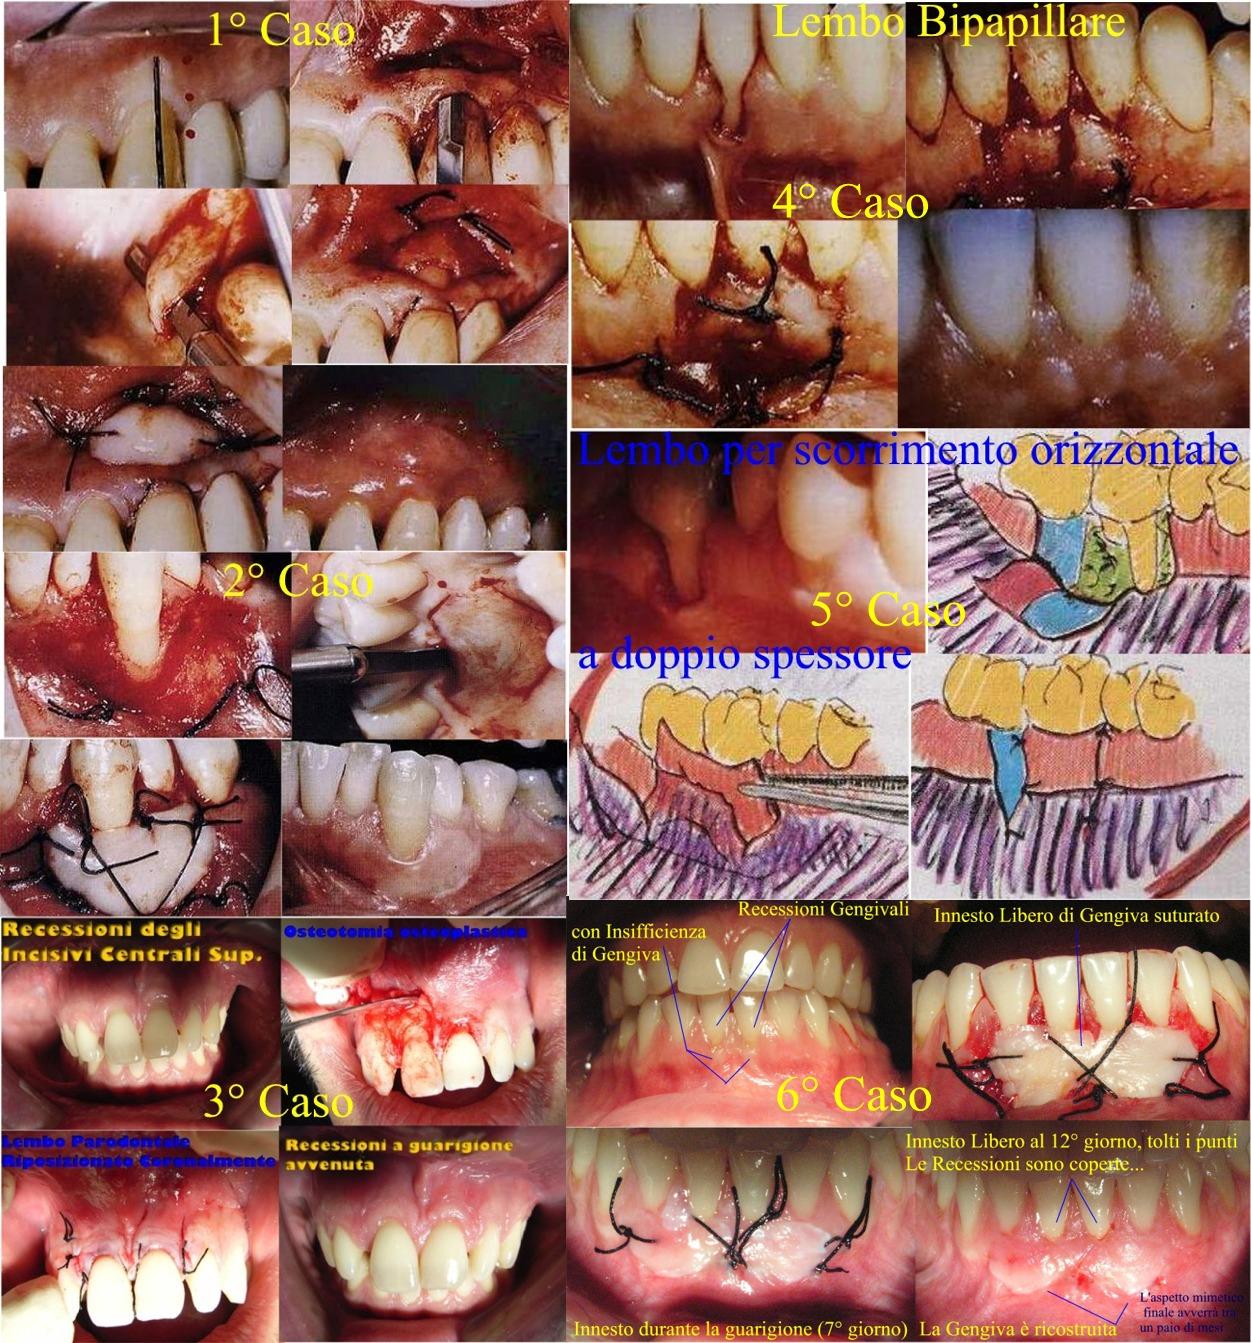 Recessioni Gengivali e loro diverse terapie chirurgiche parodontali mucogengivali. Da casistica del Dr. Gustavo Petti Parodontologo di Cagliari